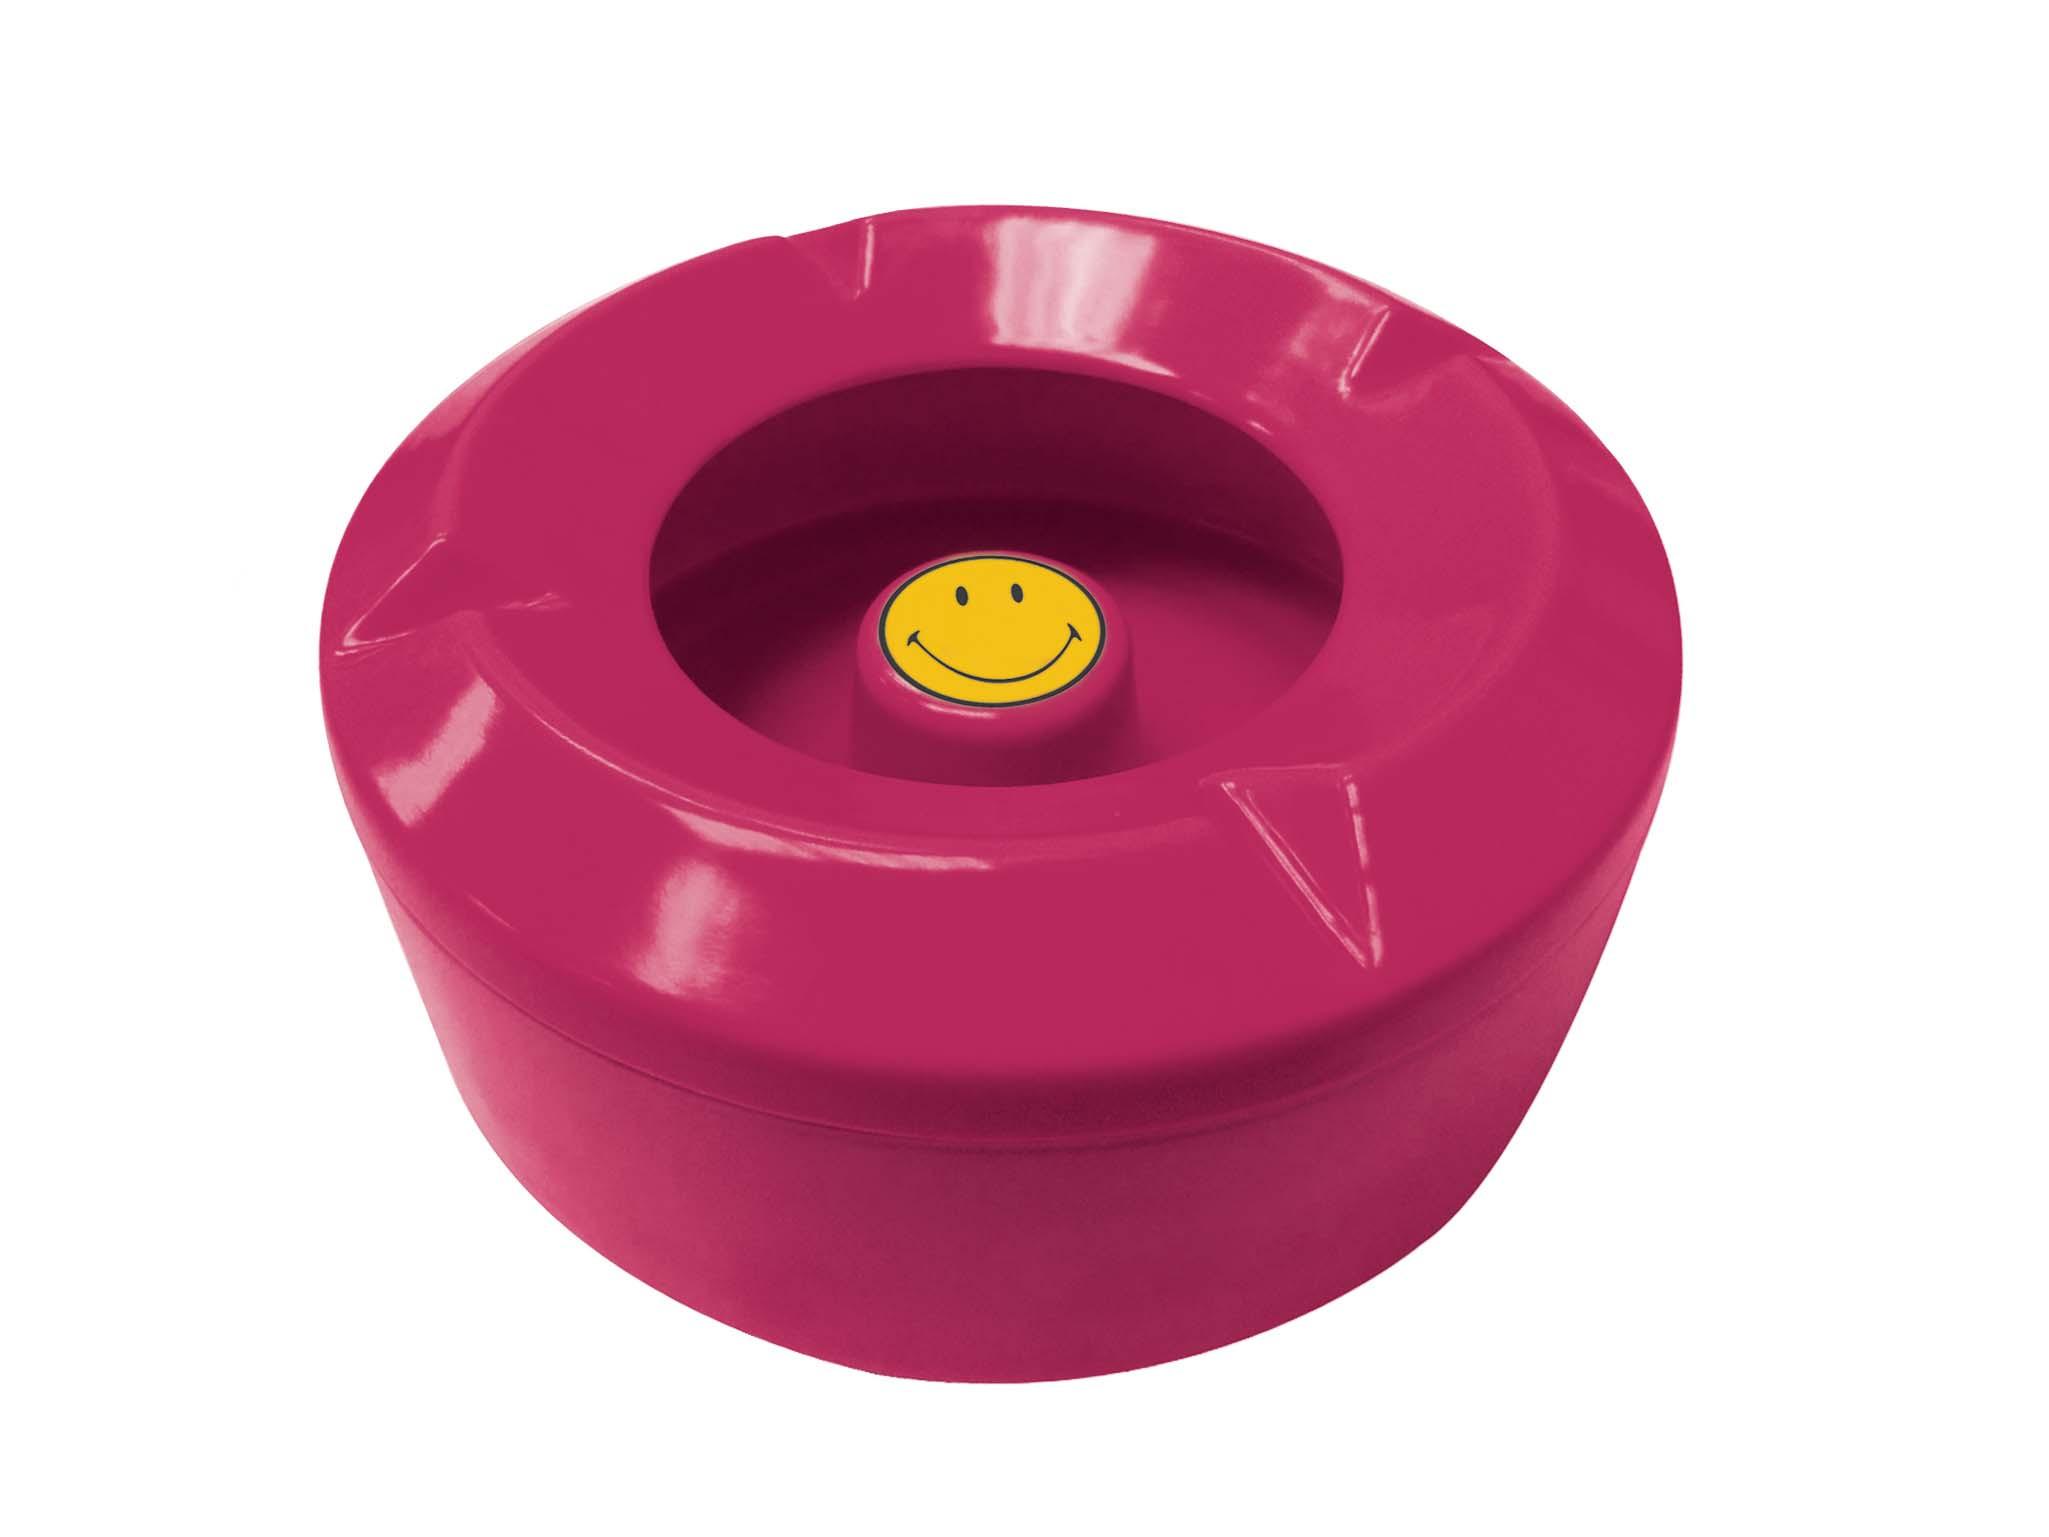 Cendrier d'extérieur Smiley - Ø 10,5 cm - Framboise